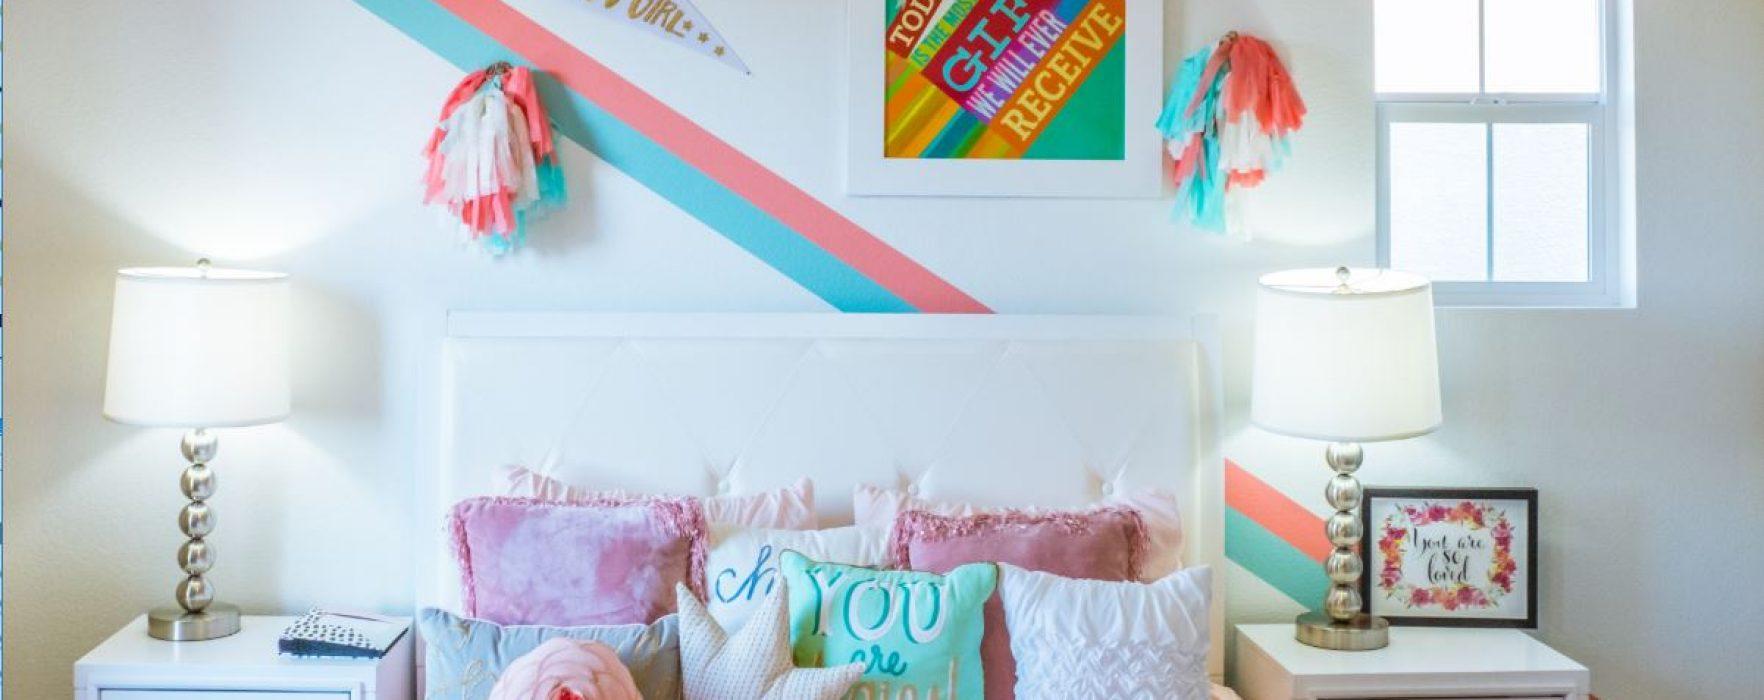 Dormitorios infantiles divertidos: una habitación ideal para los 'peques'